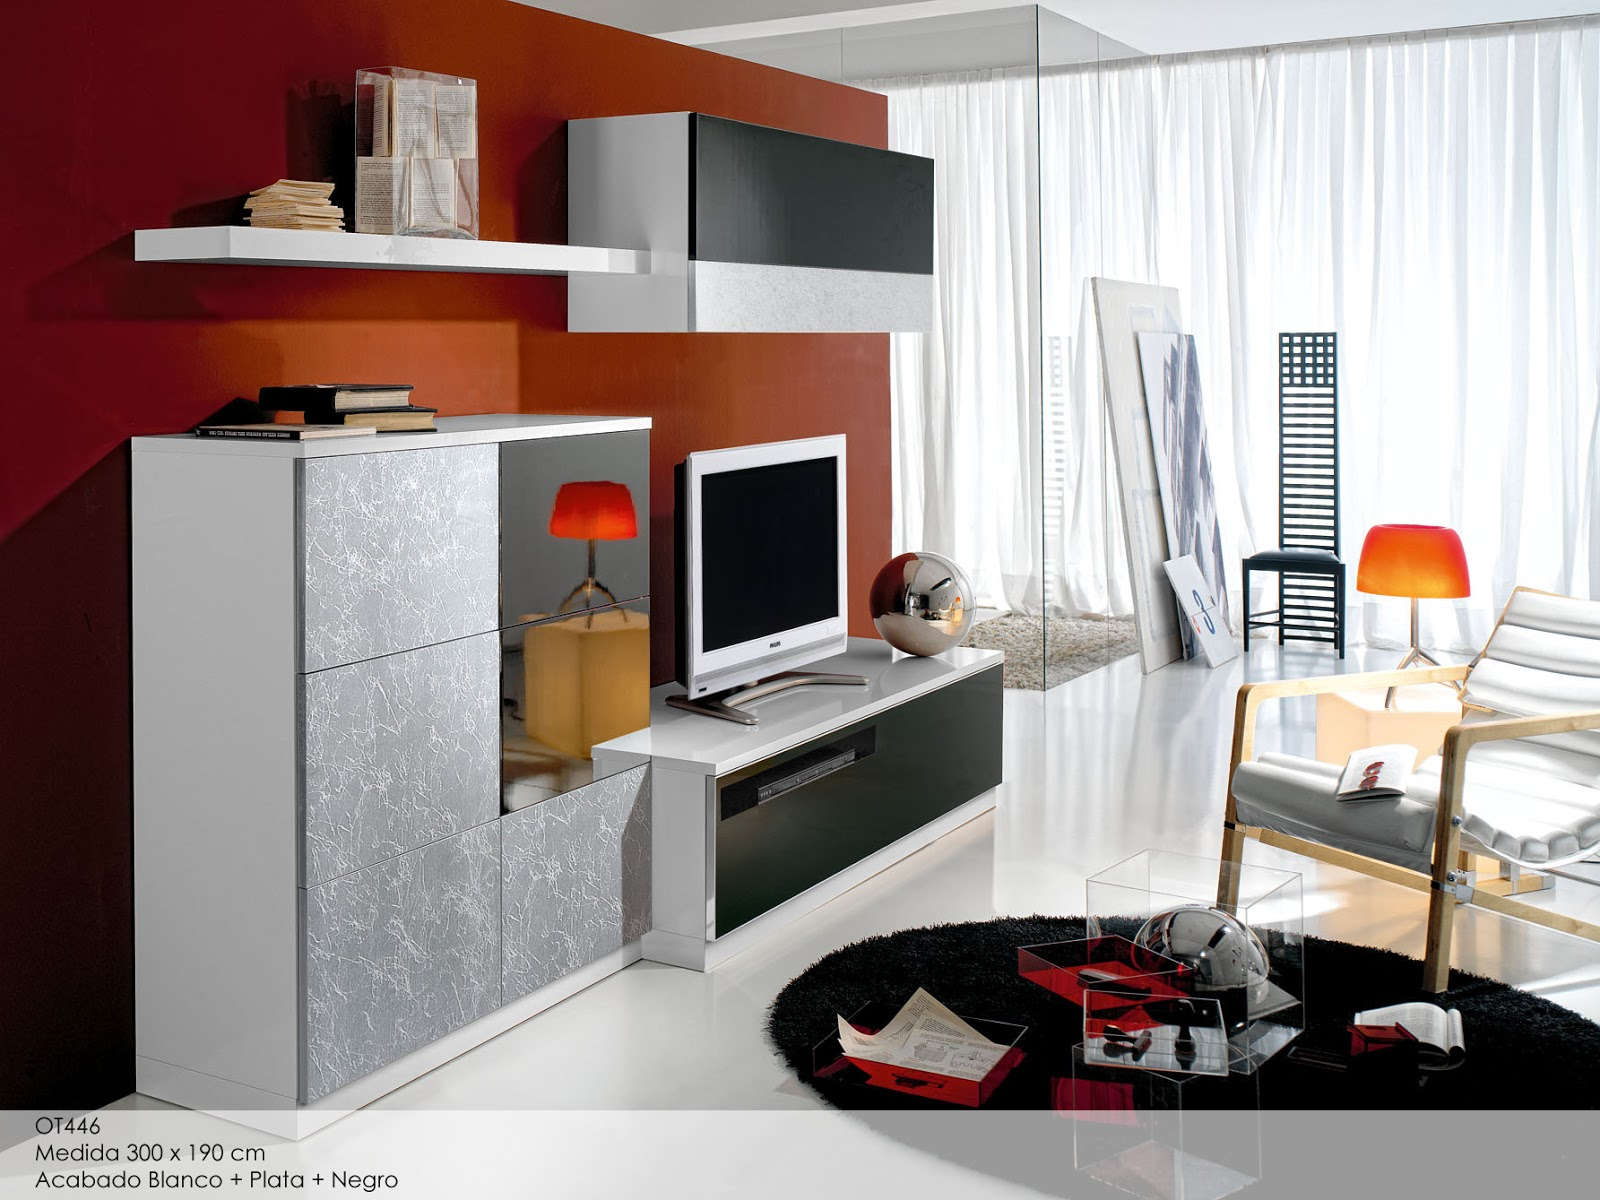 Muebles y carpinteria capita salones modernos - Muebles salones modernos ...